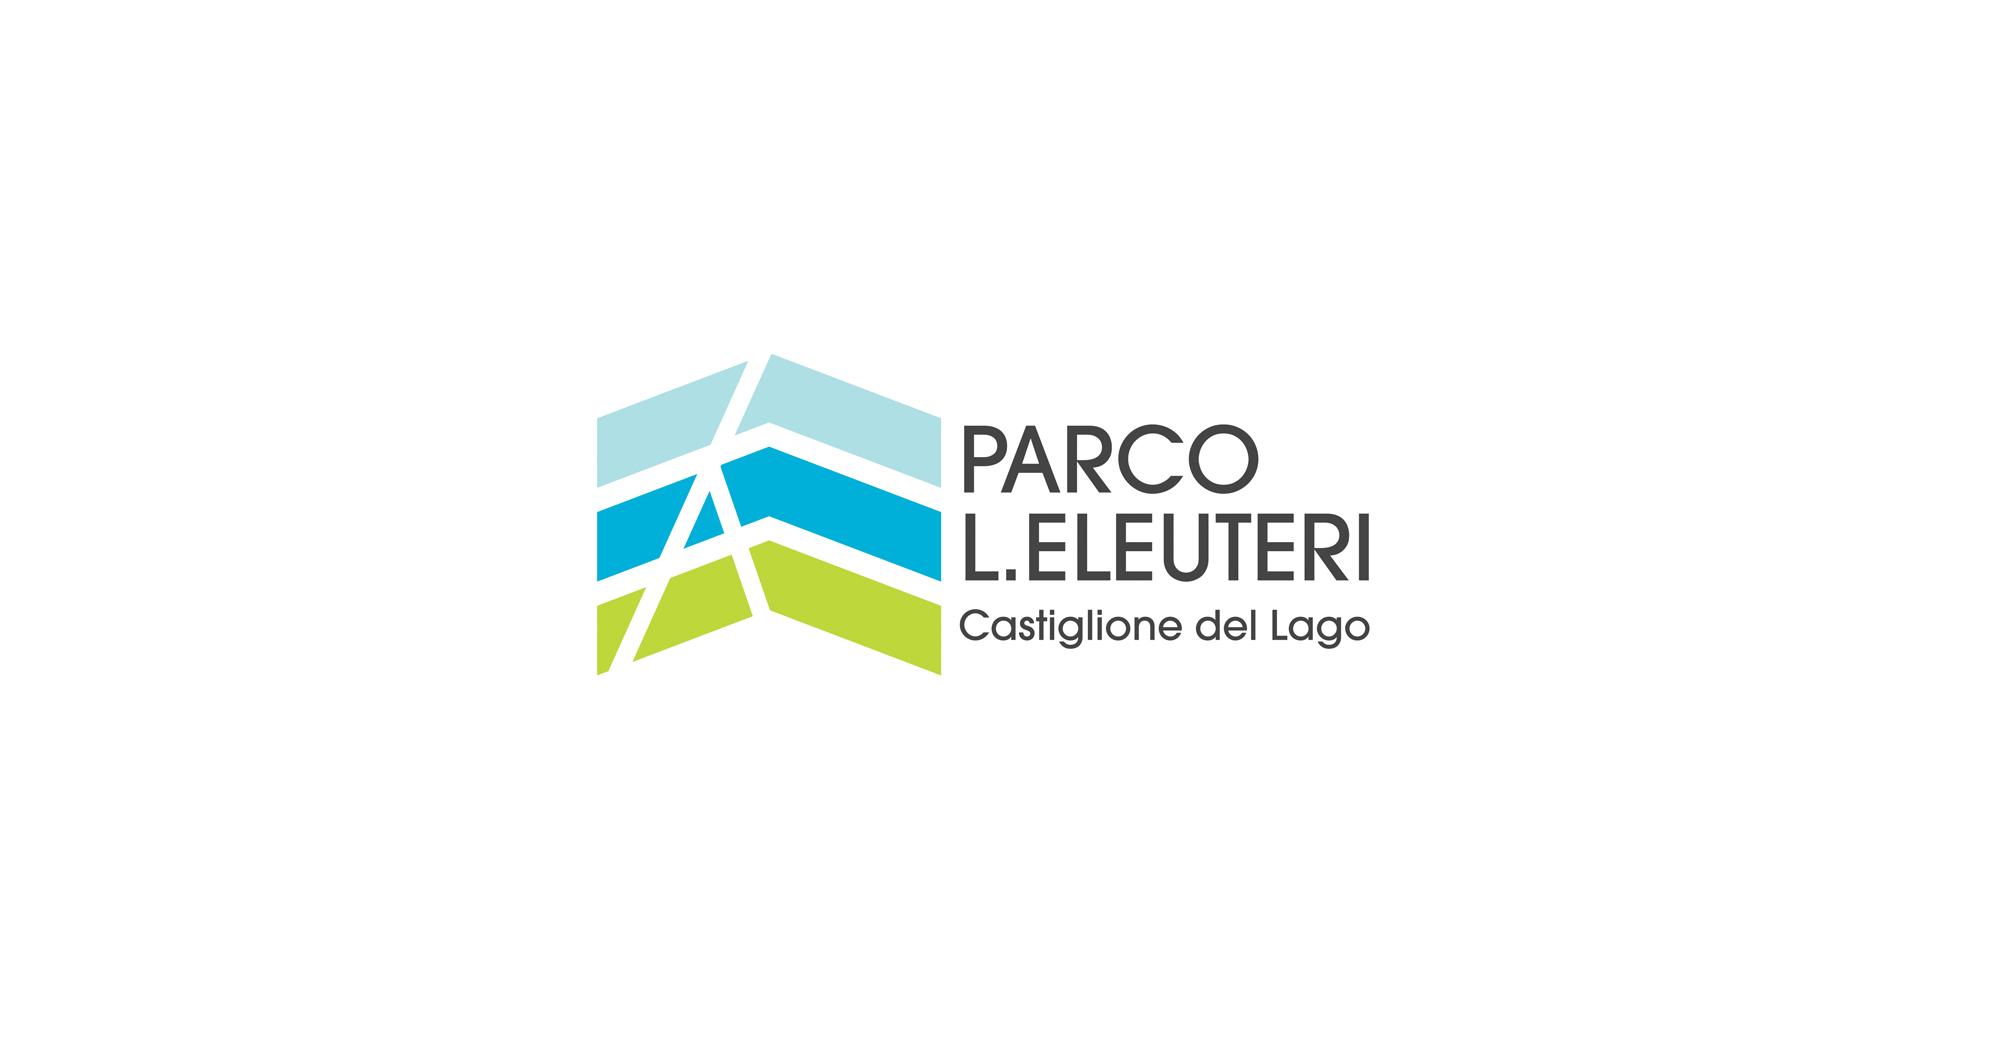 Parco L. Eleuteri logotype